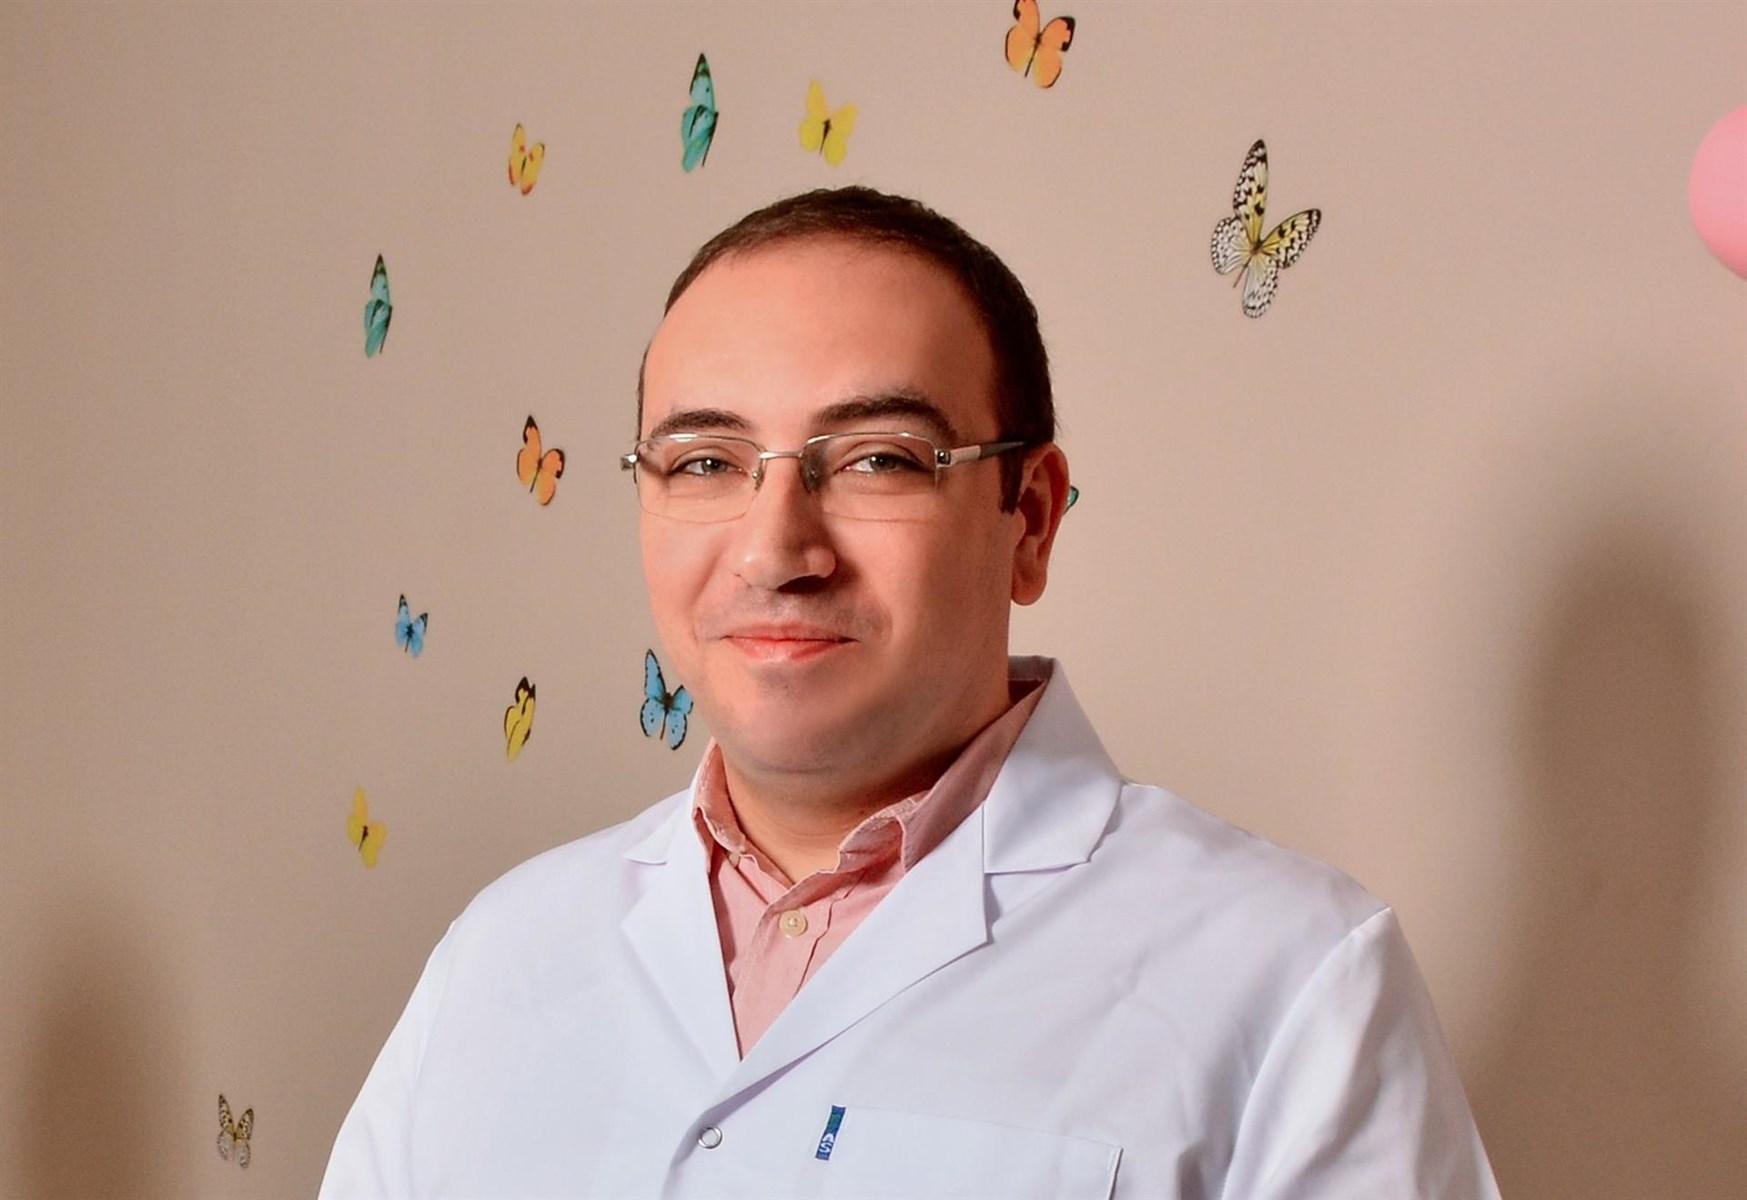 Д-р Денис Ал Кхалили - Педијатар